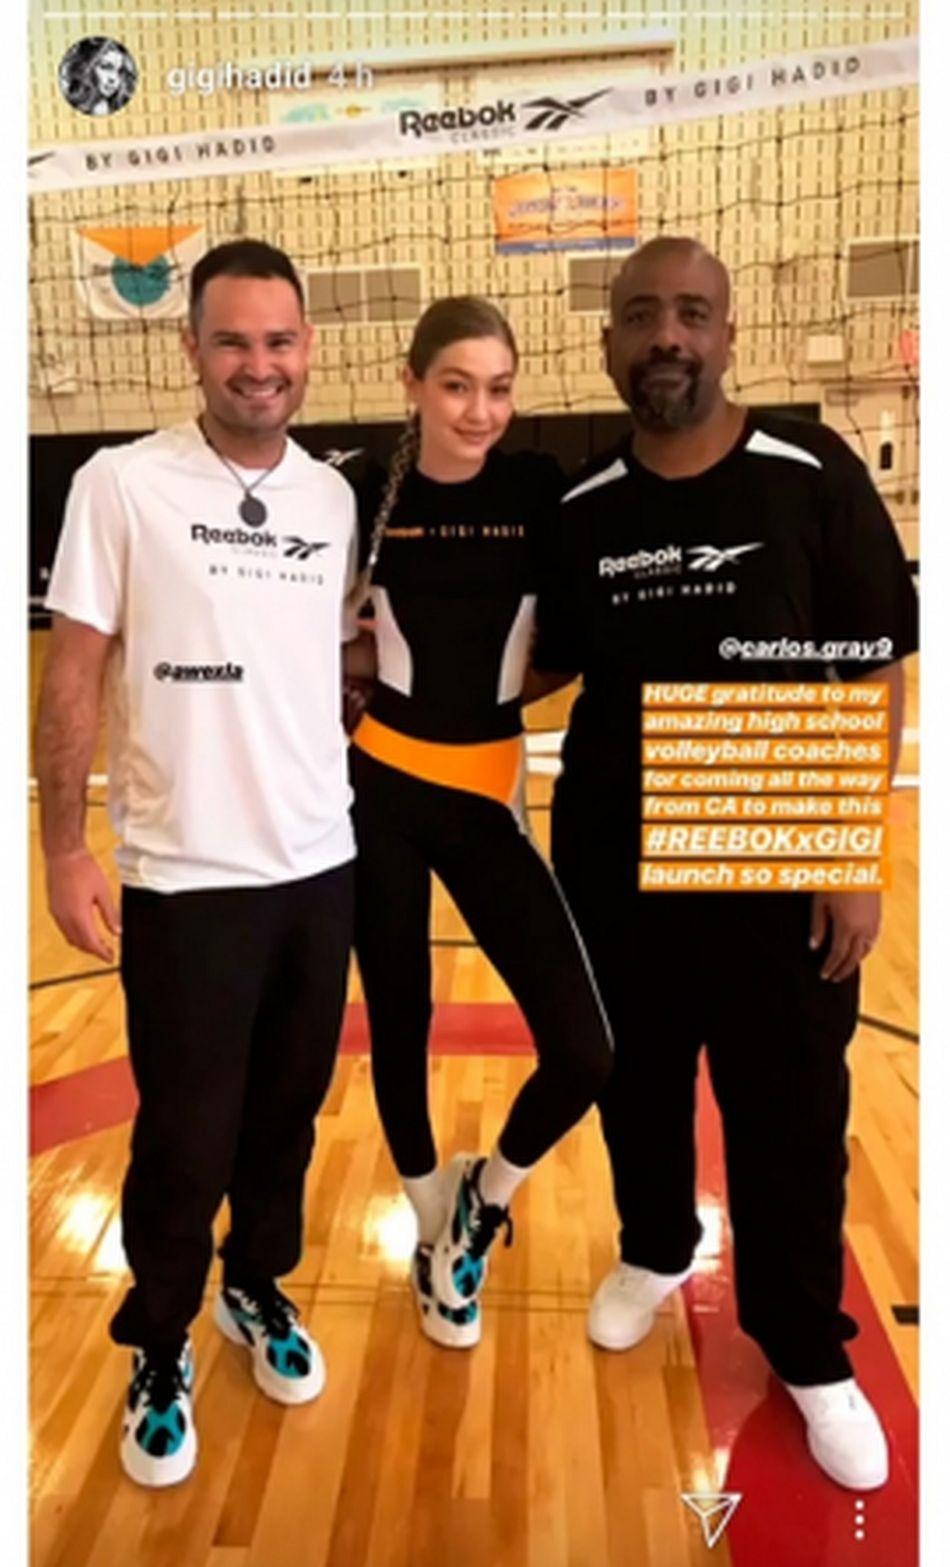 Gigi Hadid le agradeció de manera especial a sus exentrenadores por acompañarla en ese gran día. (Foto: Instagram)